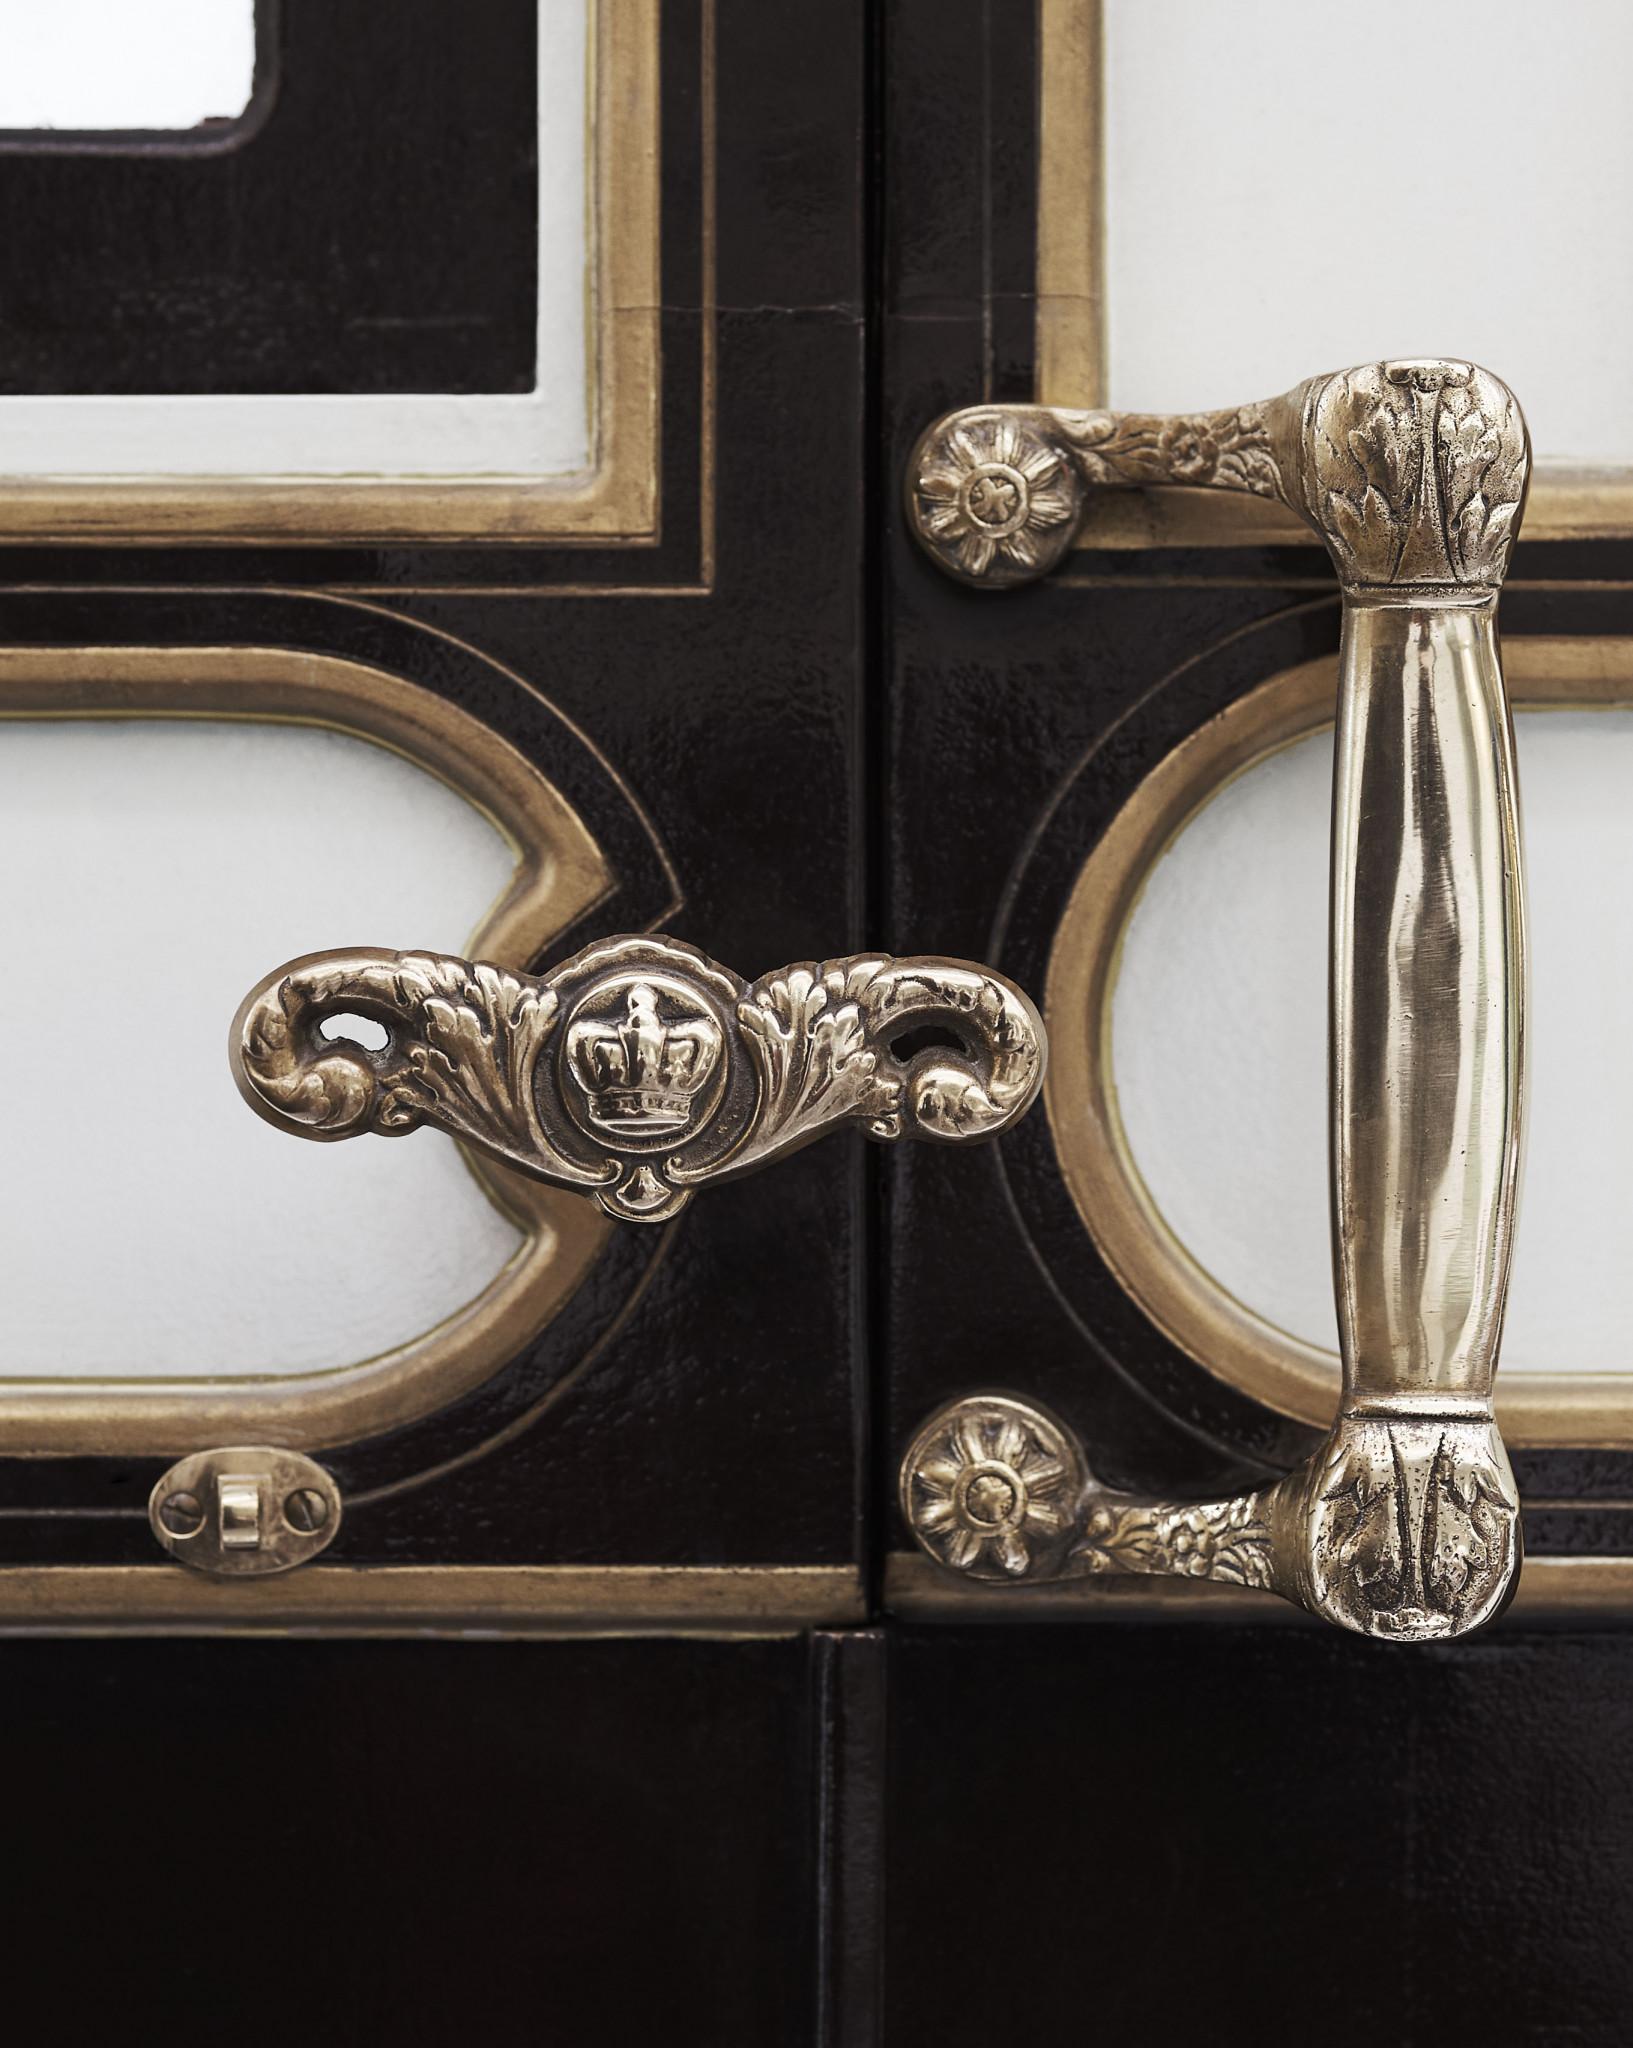 Image of door detail